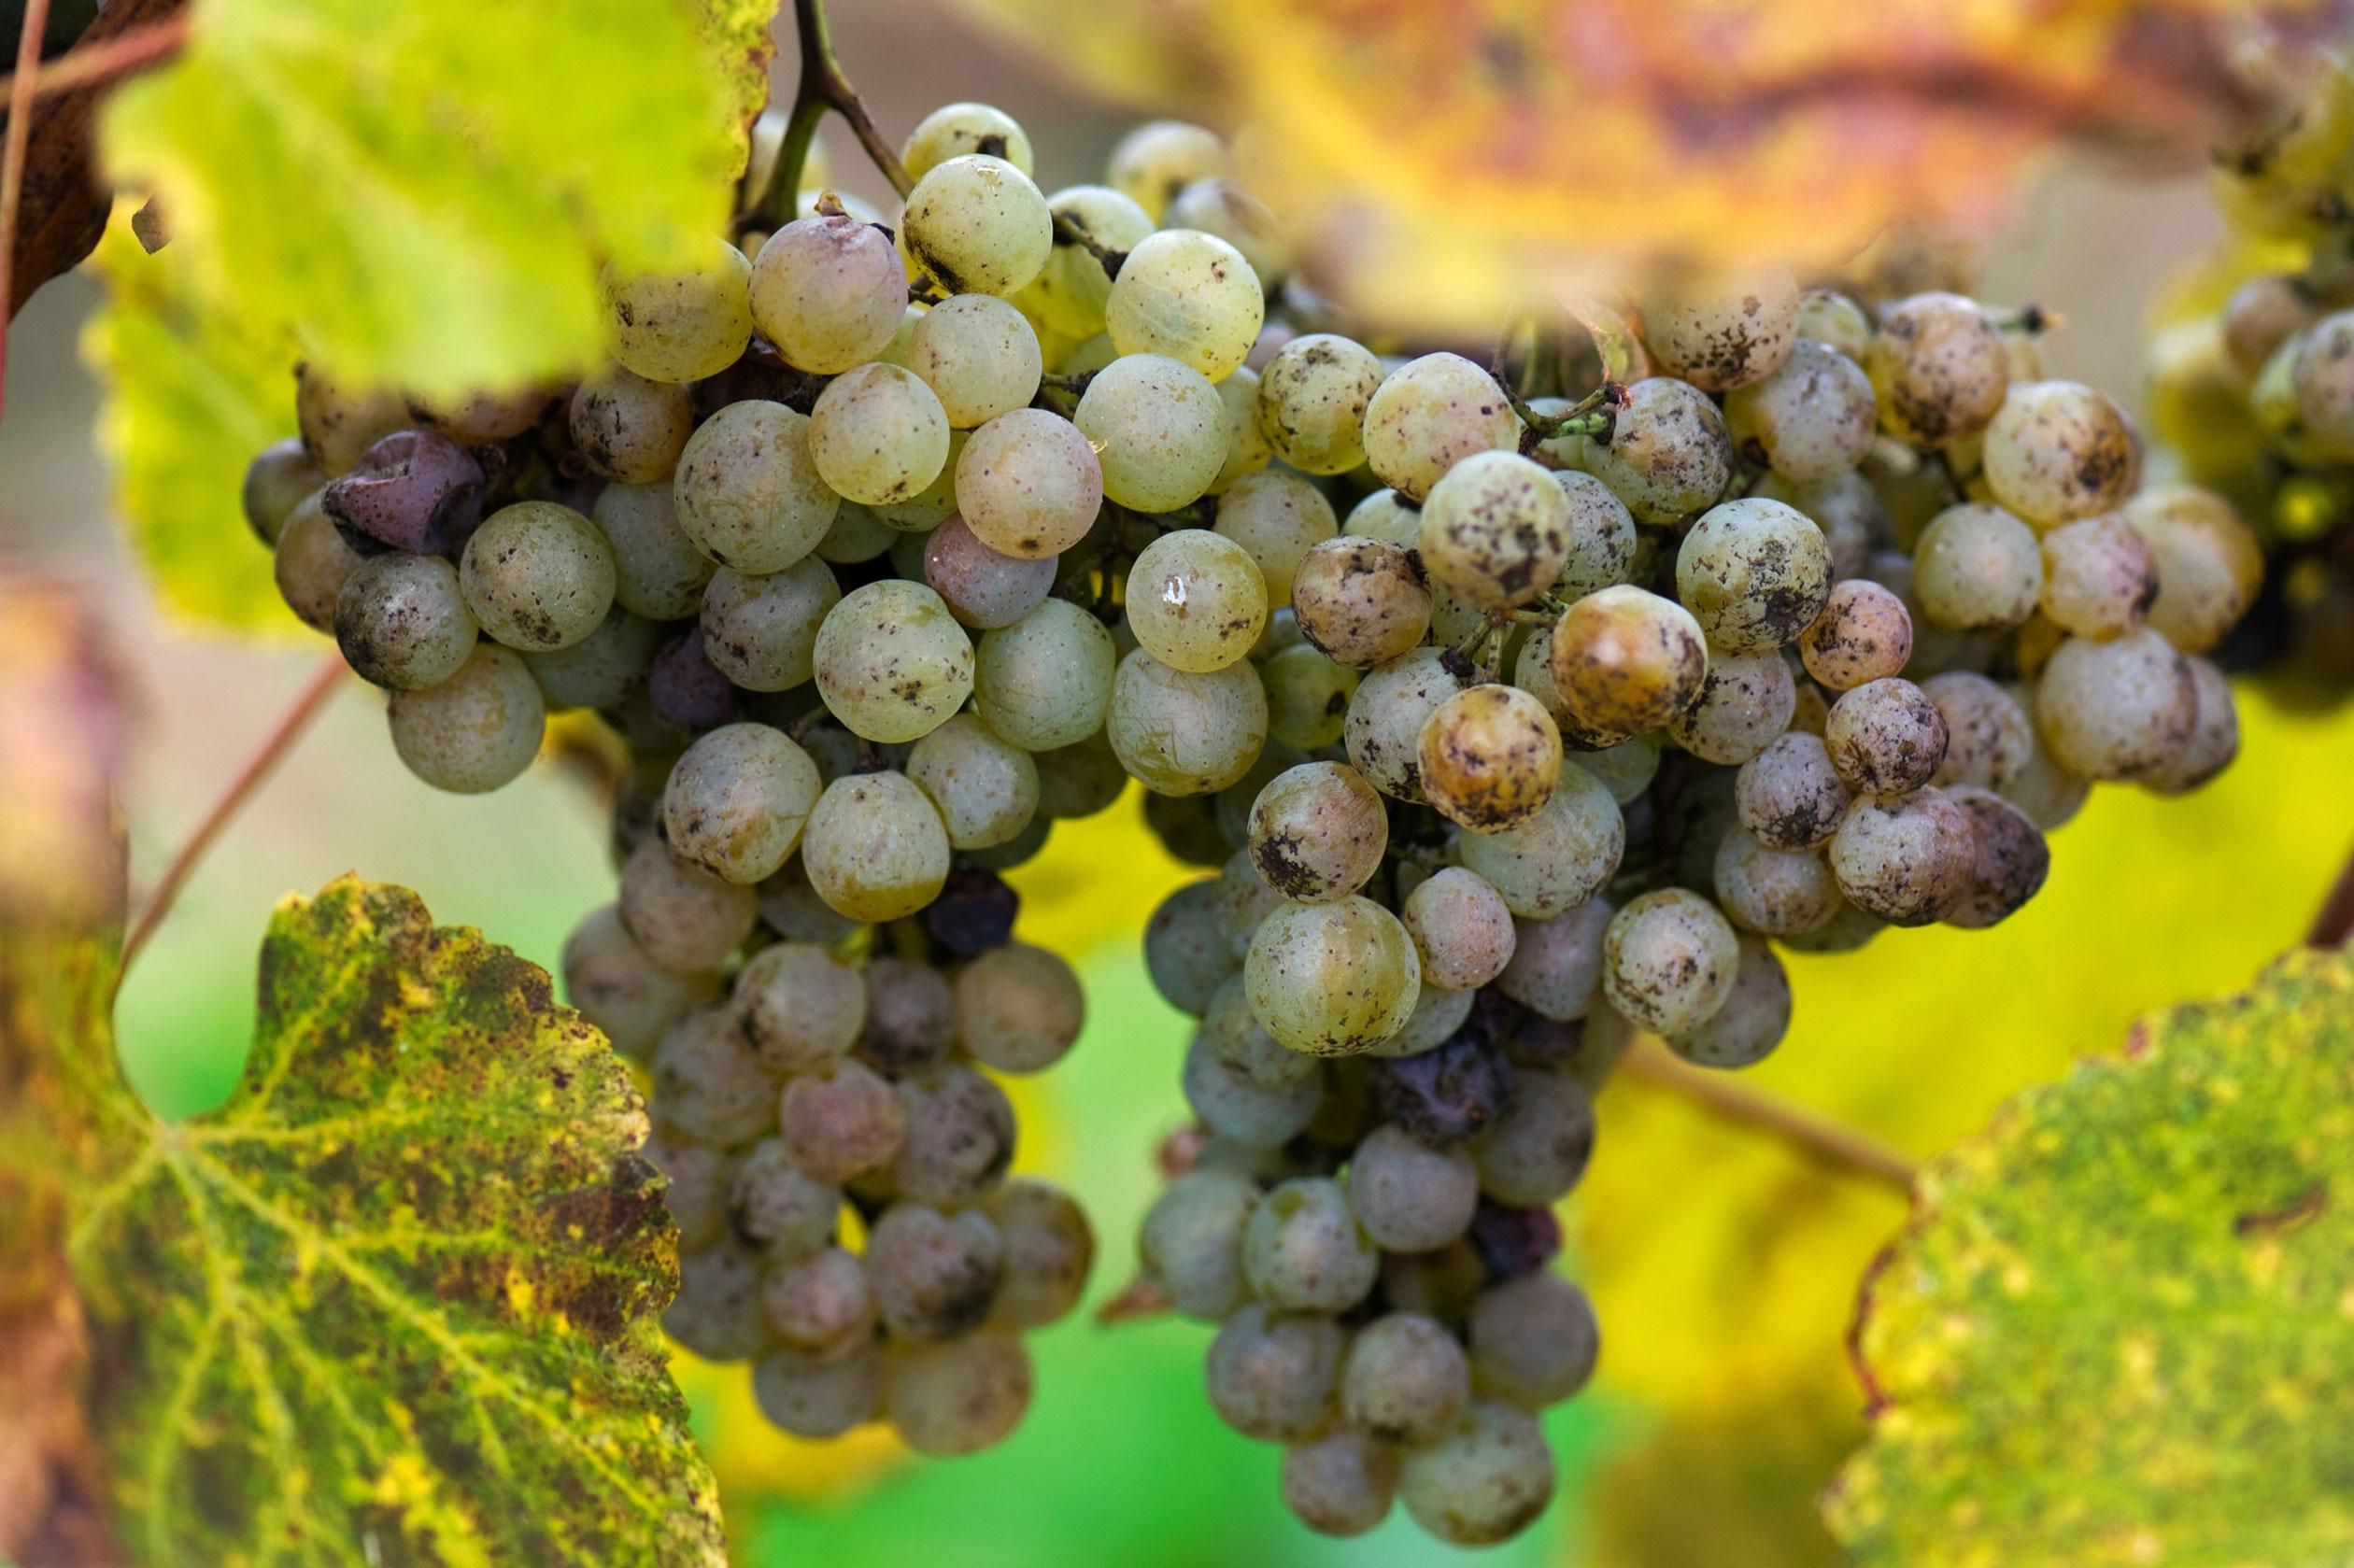 vins du sud-ouest, vins des Pyrénées, jurançon, pacherenc, madiran